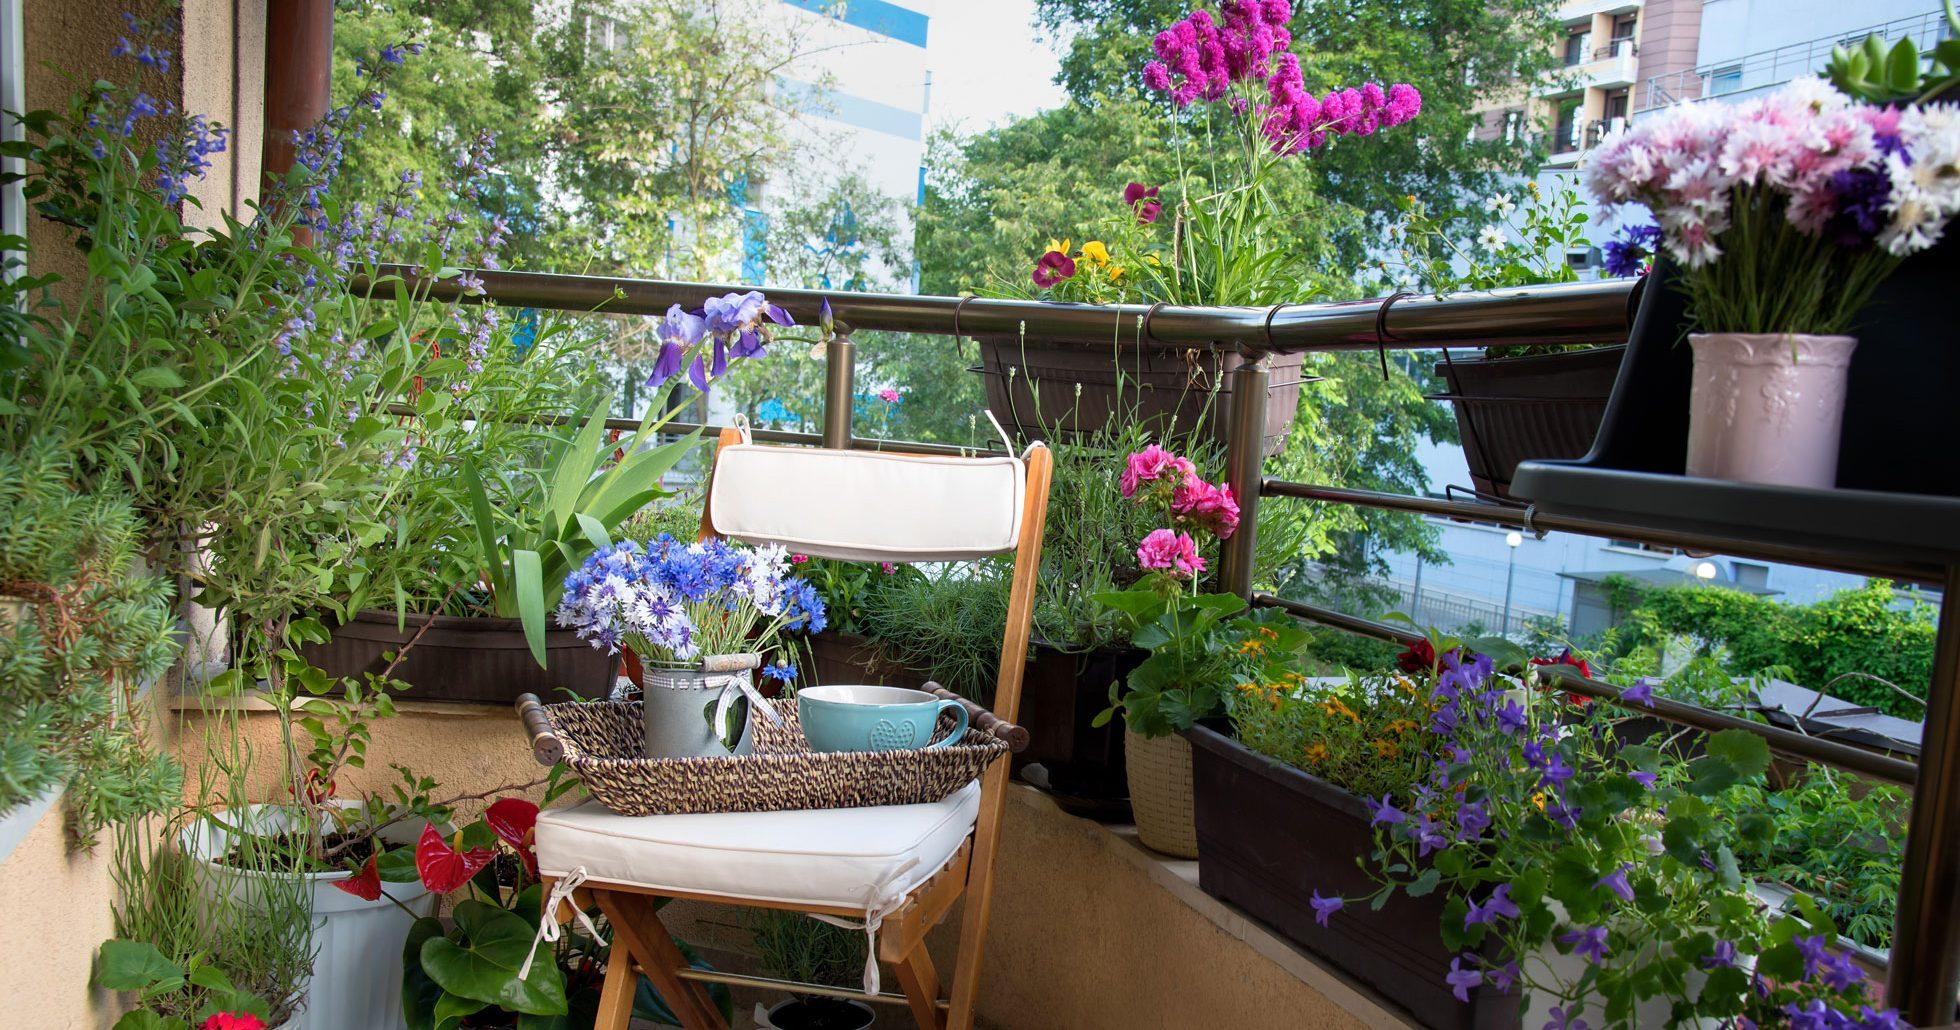 Blommor som trivs på skuggig balkong